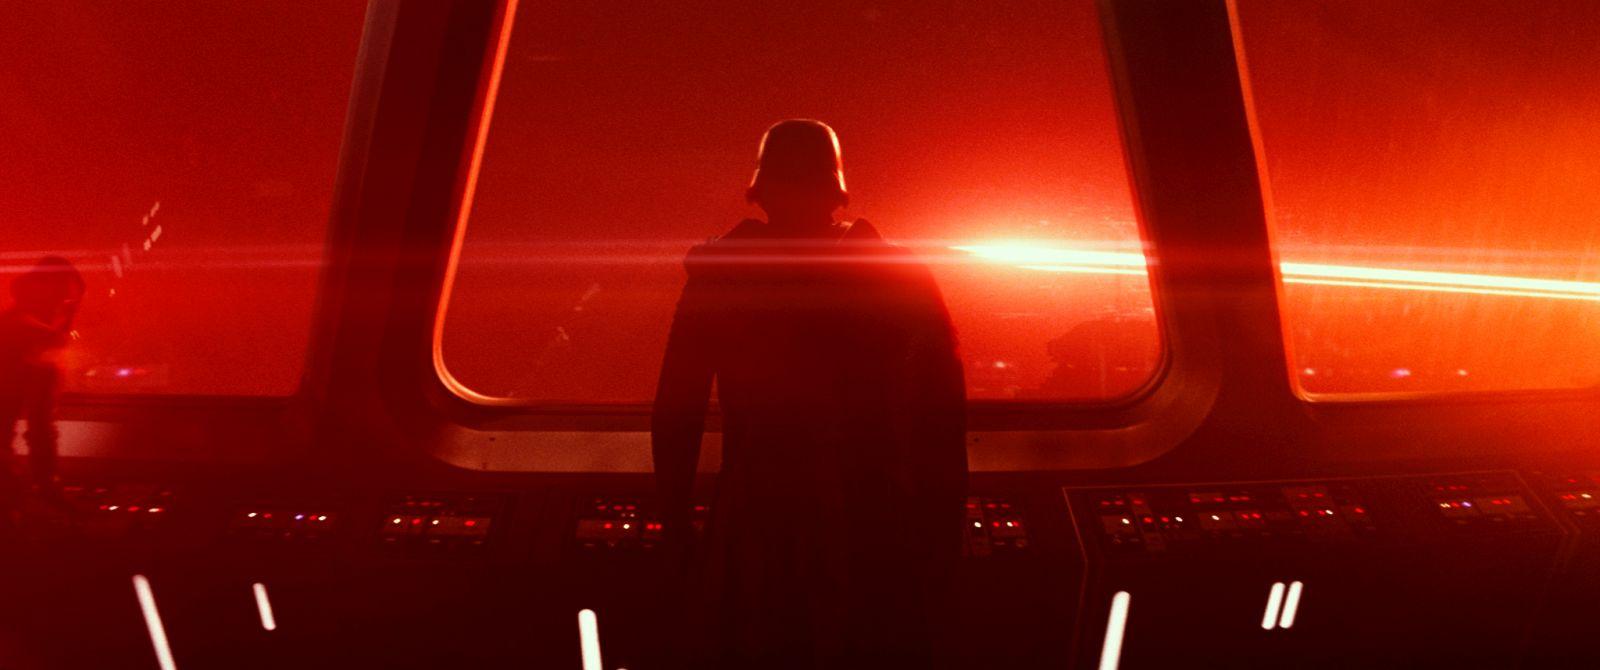 Star Wars: Il risveglio della forza, una suggestiva immagine del film diretto da J.J. Abrams